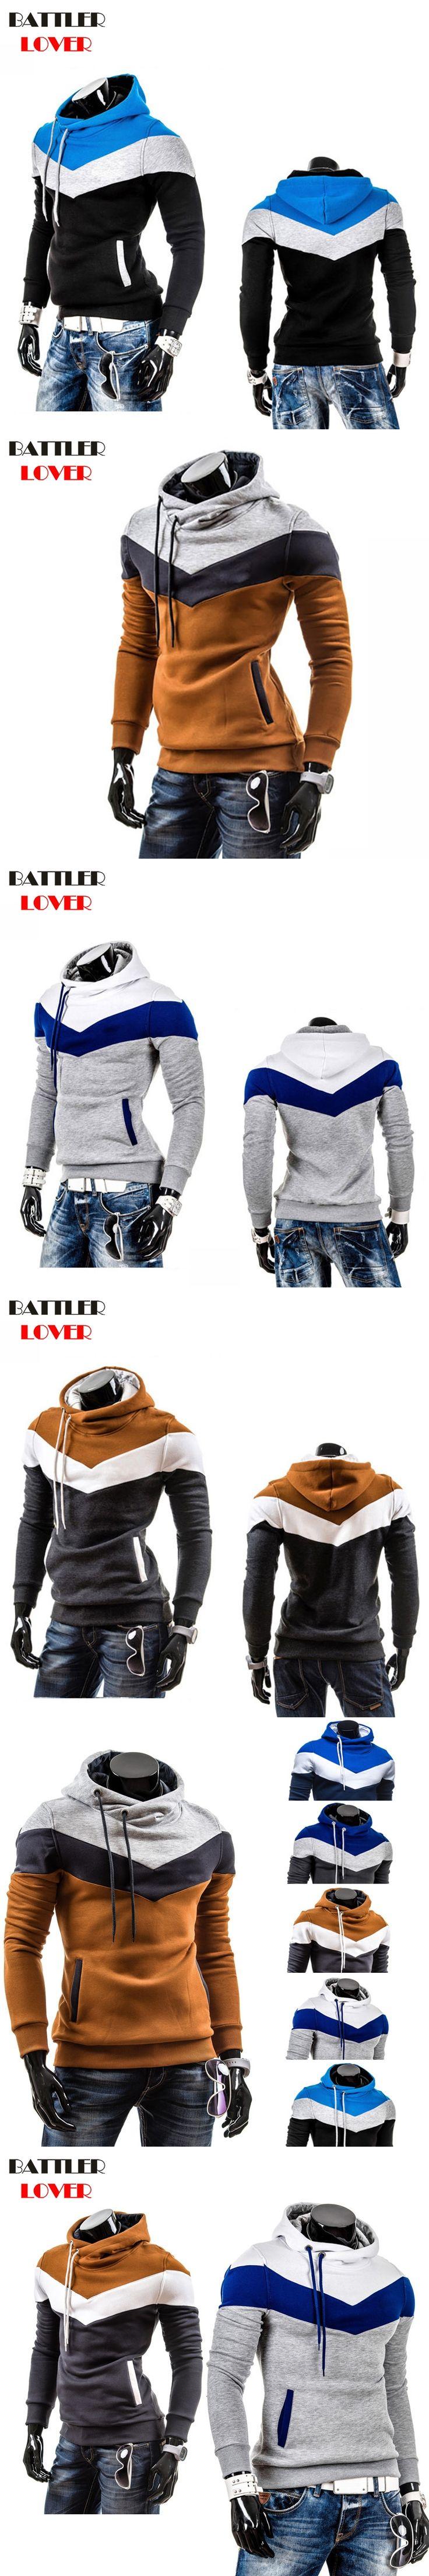 Luxury Designer Hoodies Mens Sweatshirts Slim Fit Hooded Jacket Pullover Sportswear Mans Autumn Sweatshirt Males Tracksuit Tops